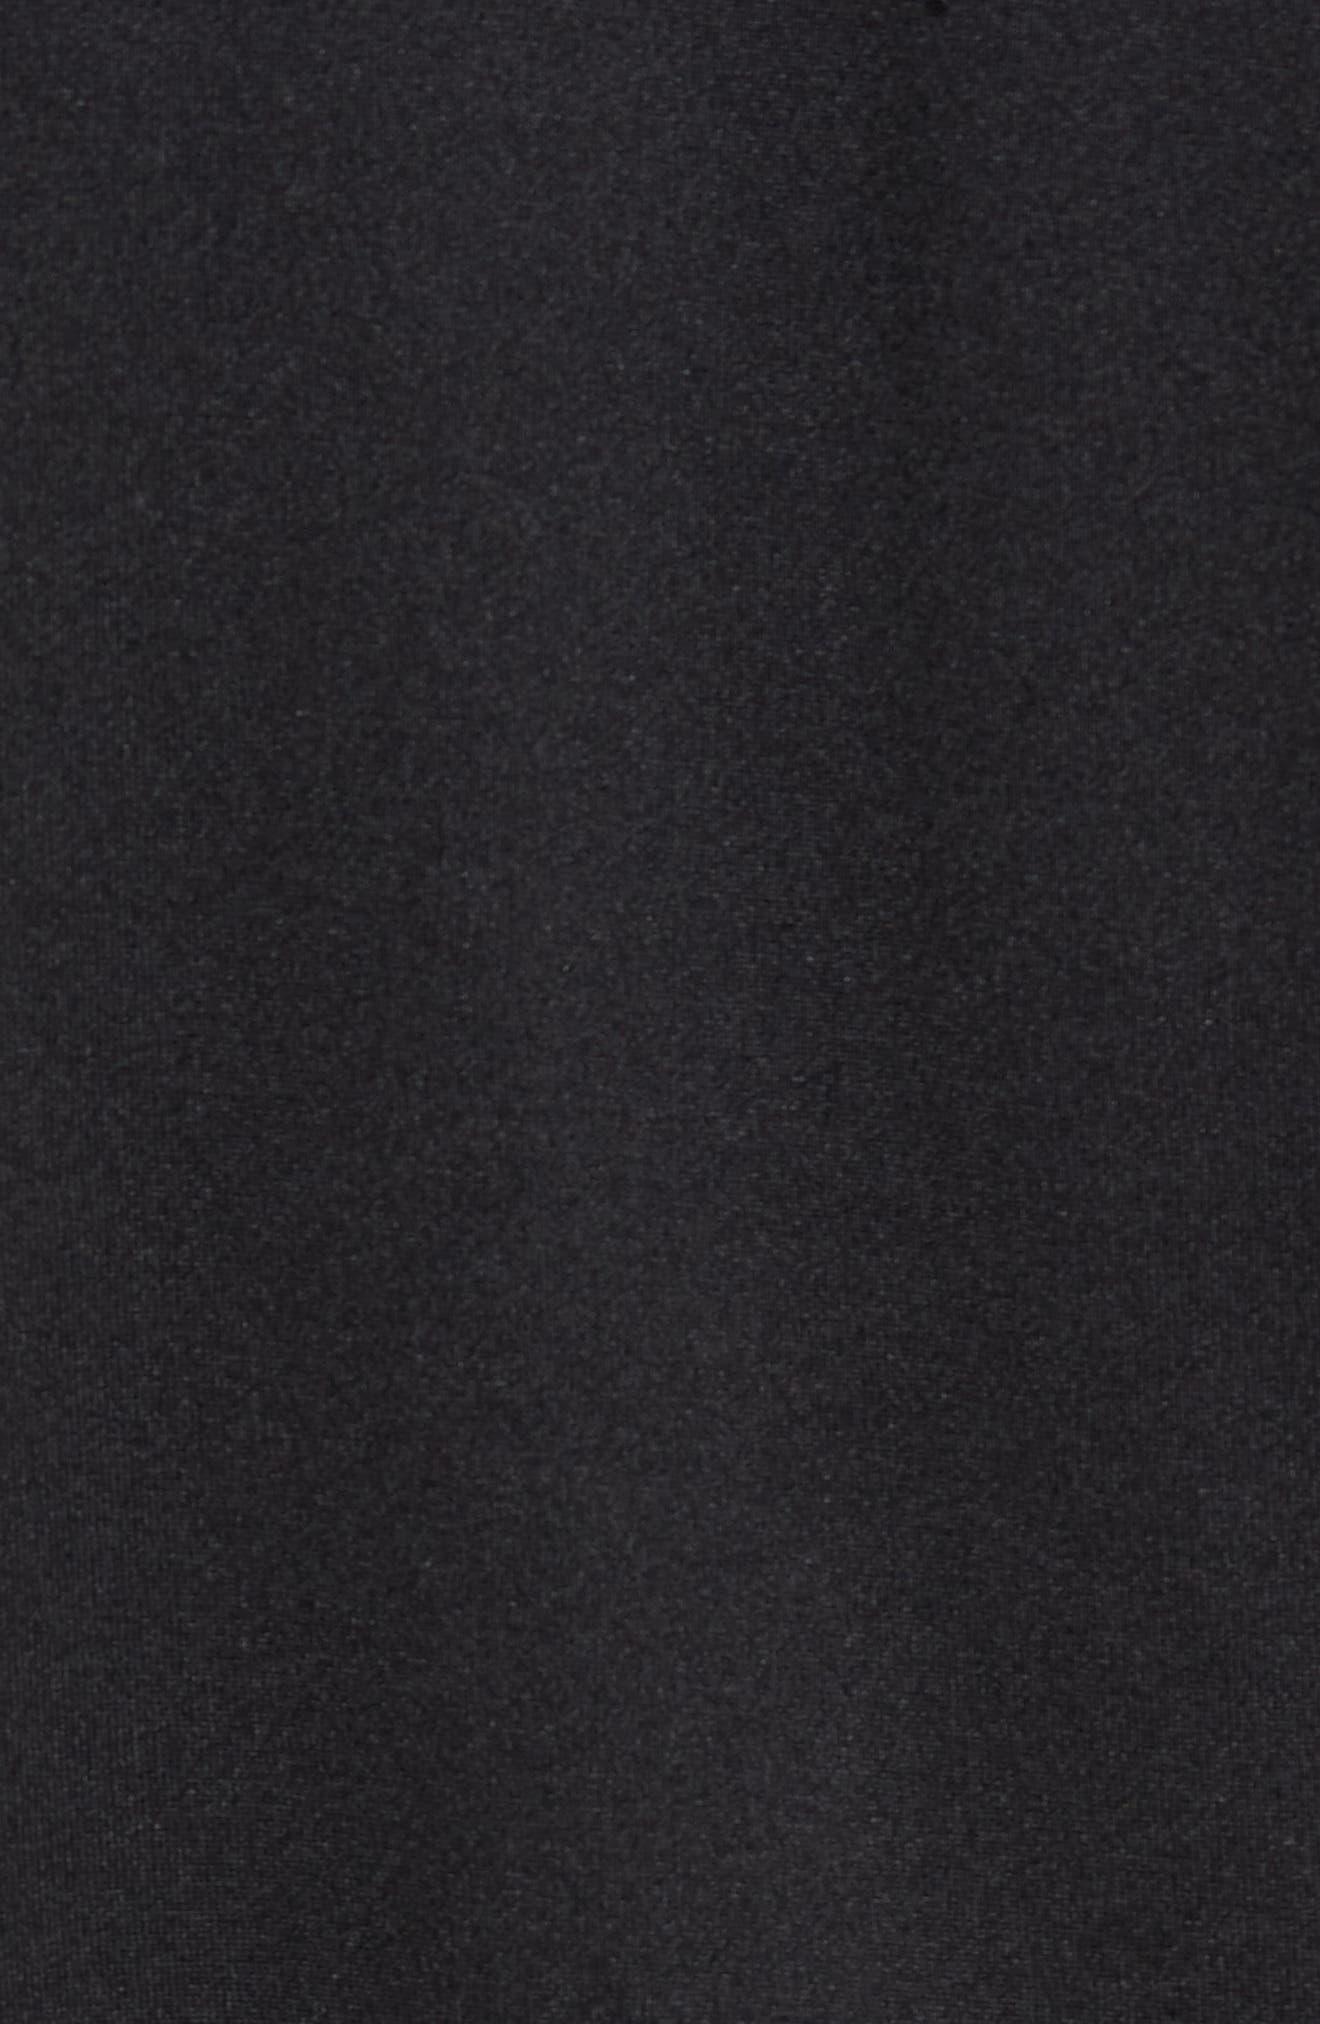 SST Track Jacket,                             Alternate thumbnail 5, color,                             Black